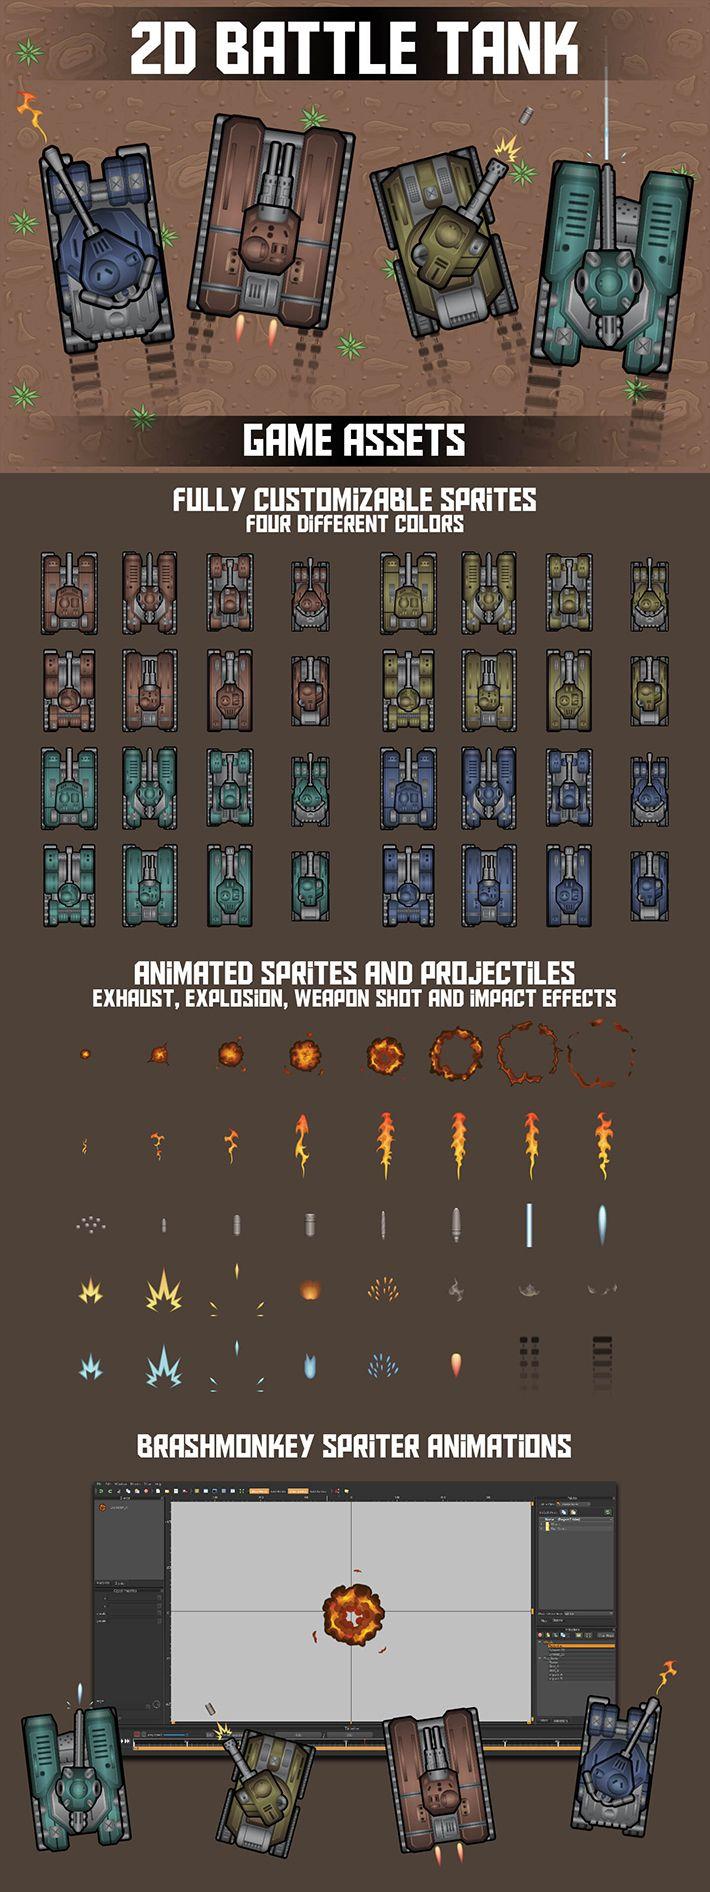 Free 2D Battle Tank Game Assets Игровой дизайн, Пиксель